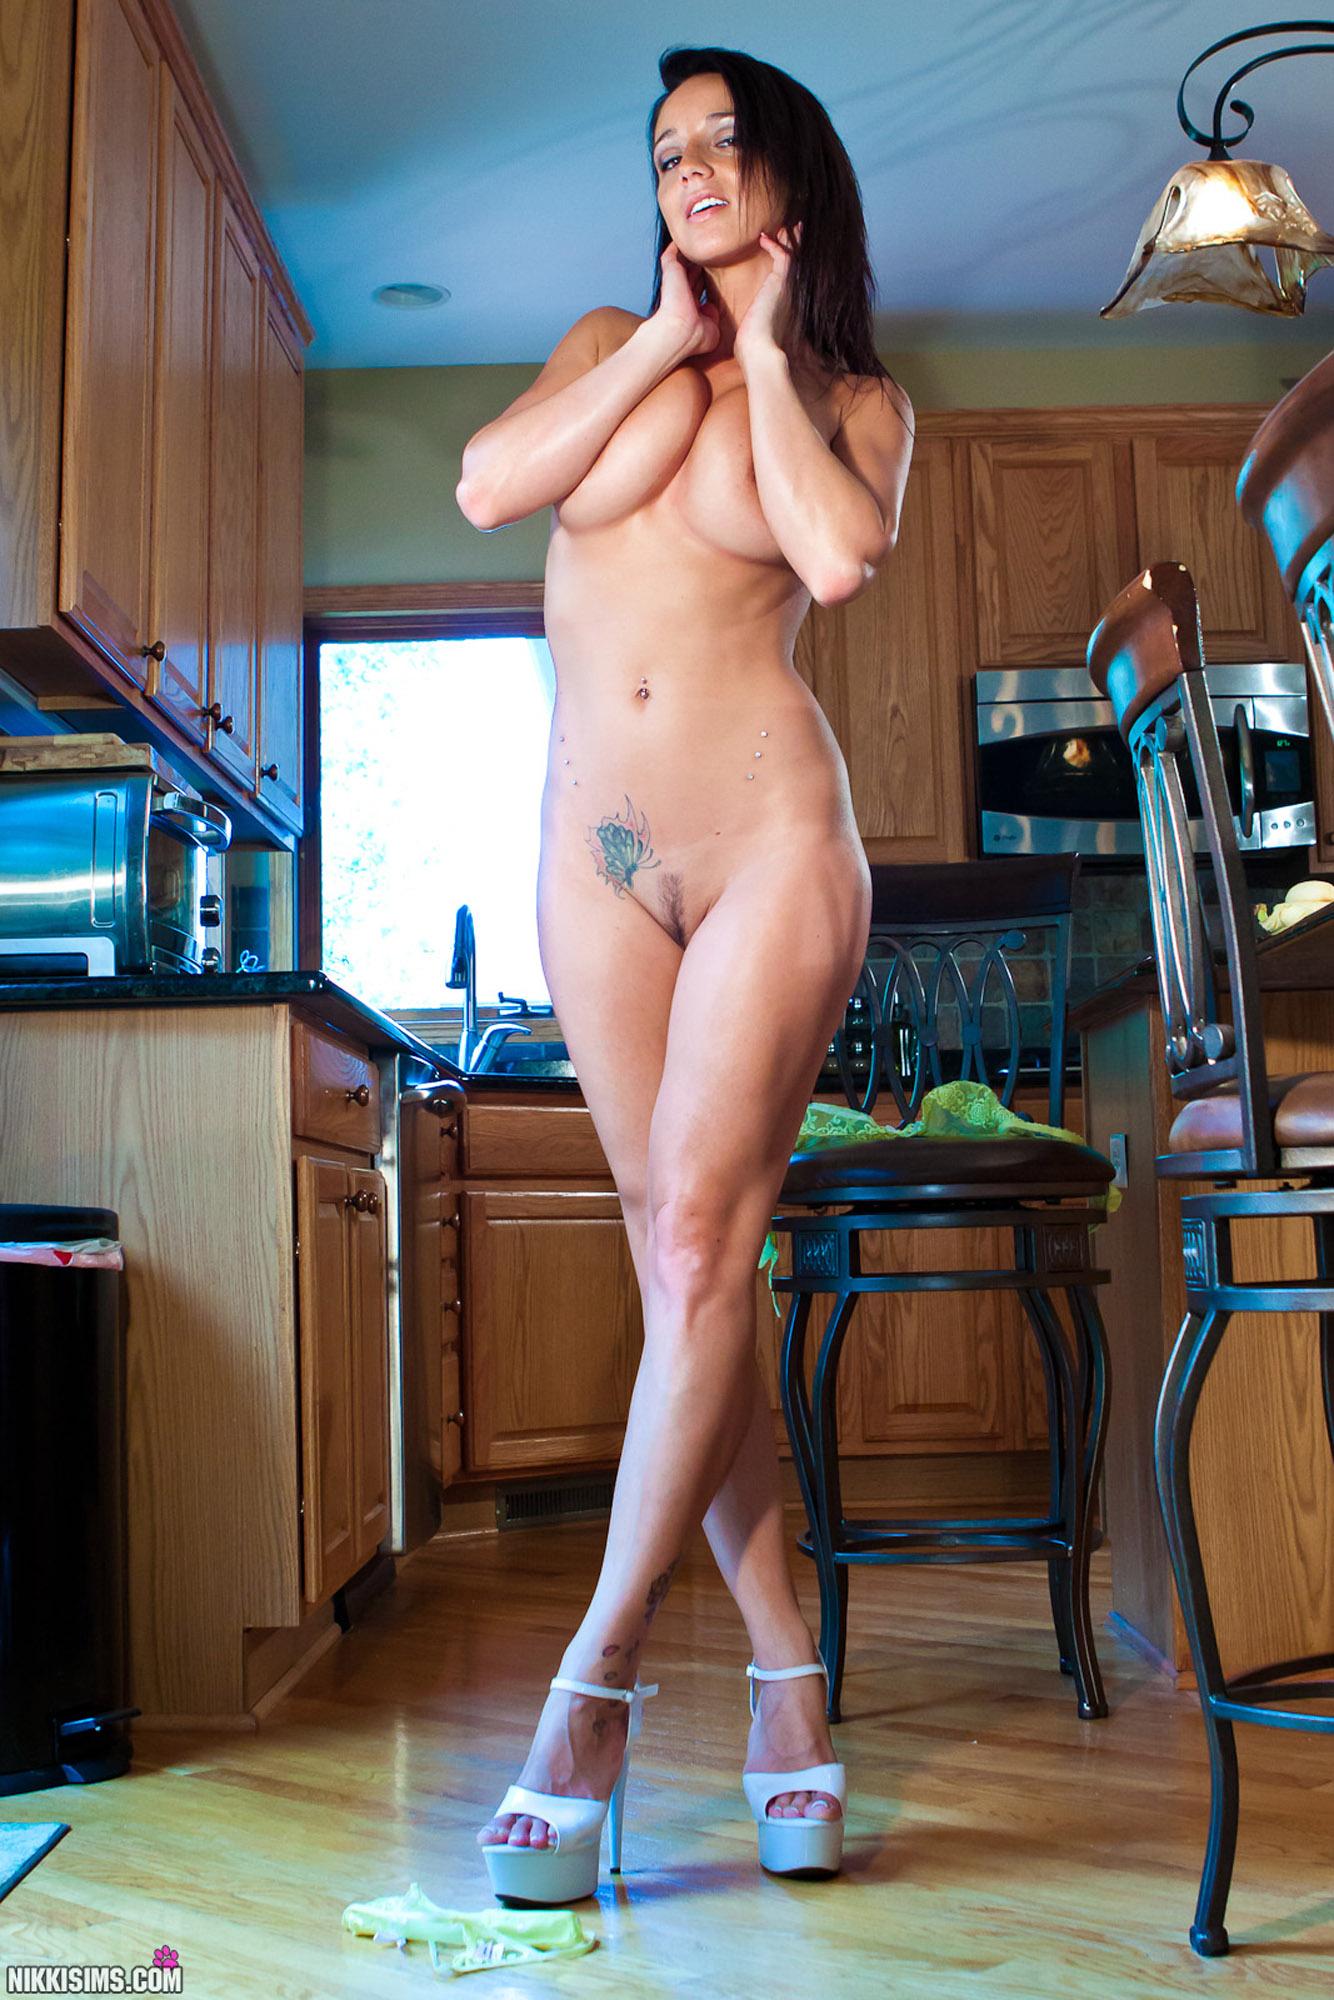 Nikki sims nude image sexy toons